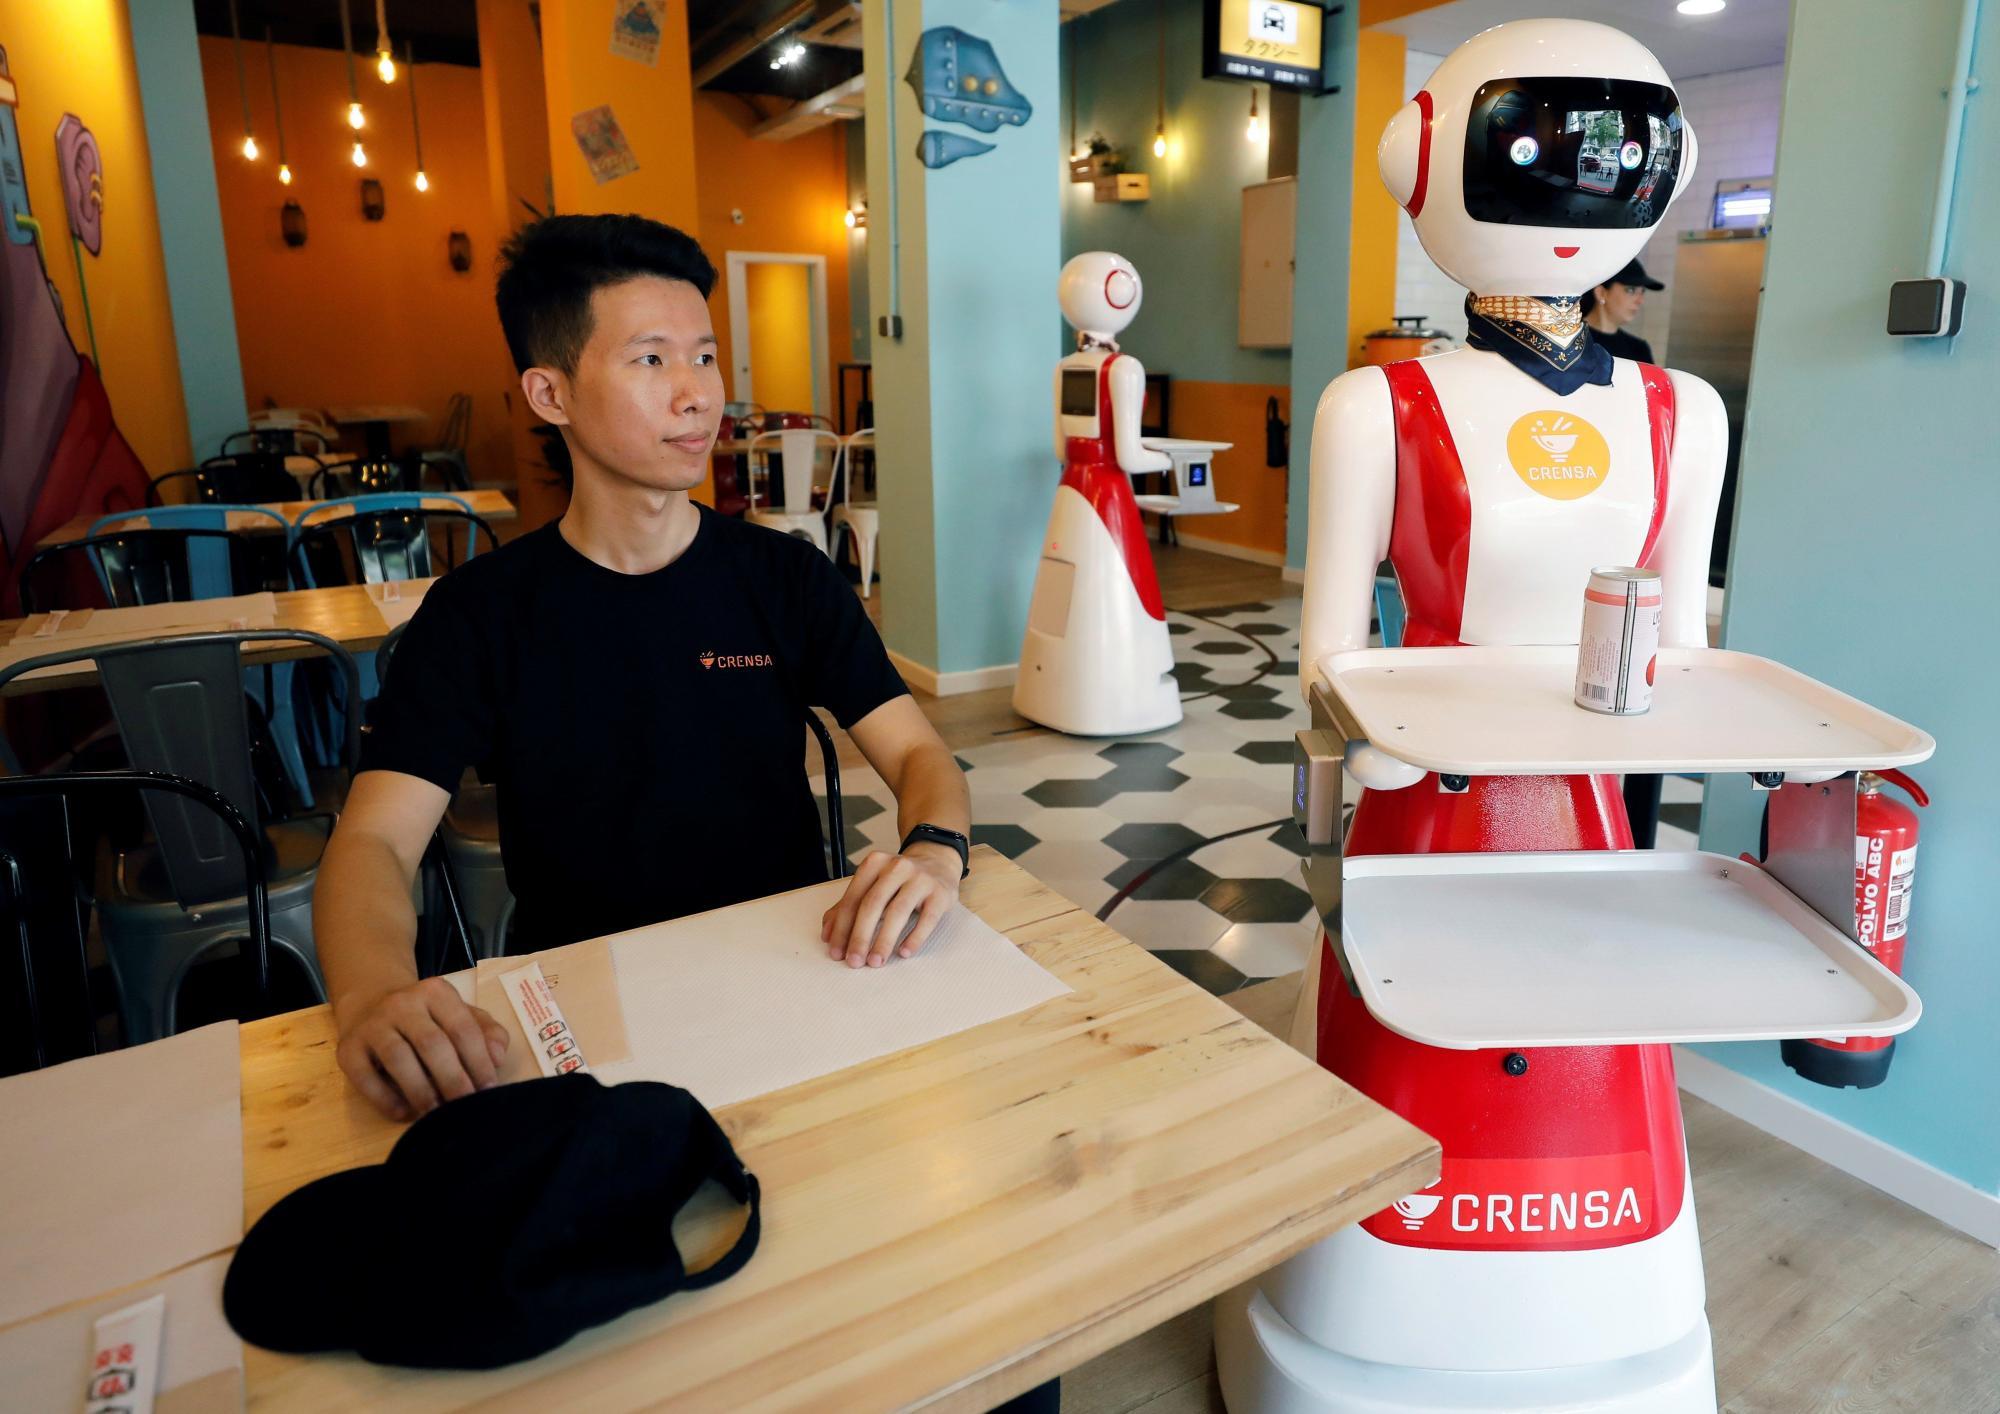 La rebelión de las máquinas: los robots han destruido ya 400.000 empleos en Europa